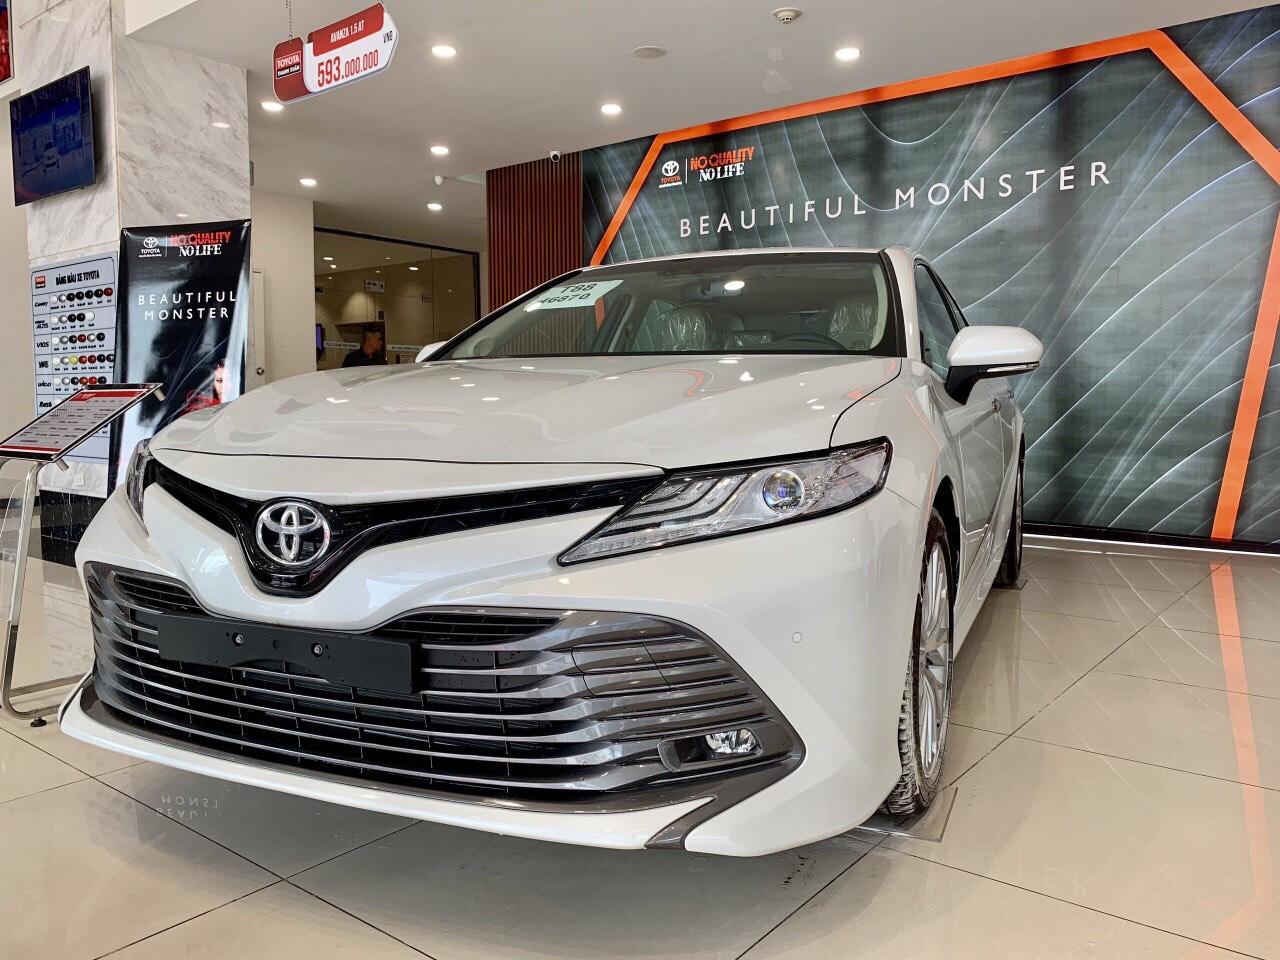 Toyota Camry 2019 nhap khau tai muaxegiabeo 6 - Toyota Camry: giá xe và khuyến mãi cập nhật tháng [hienthithang]/[hienthinam]